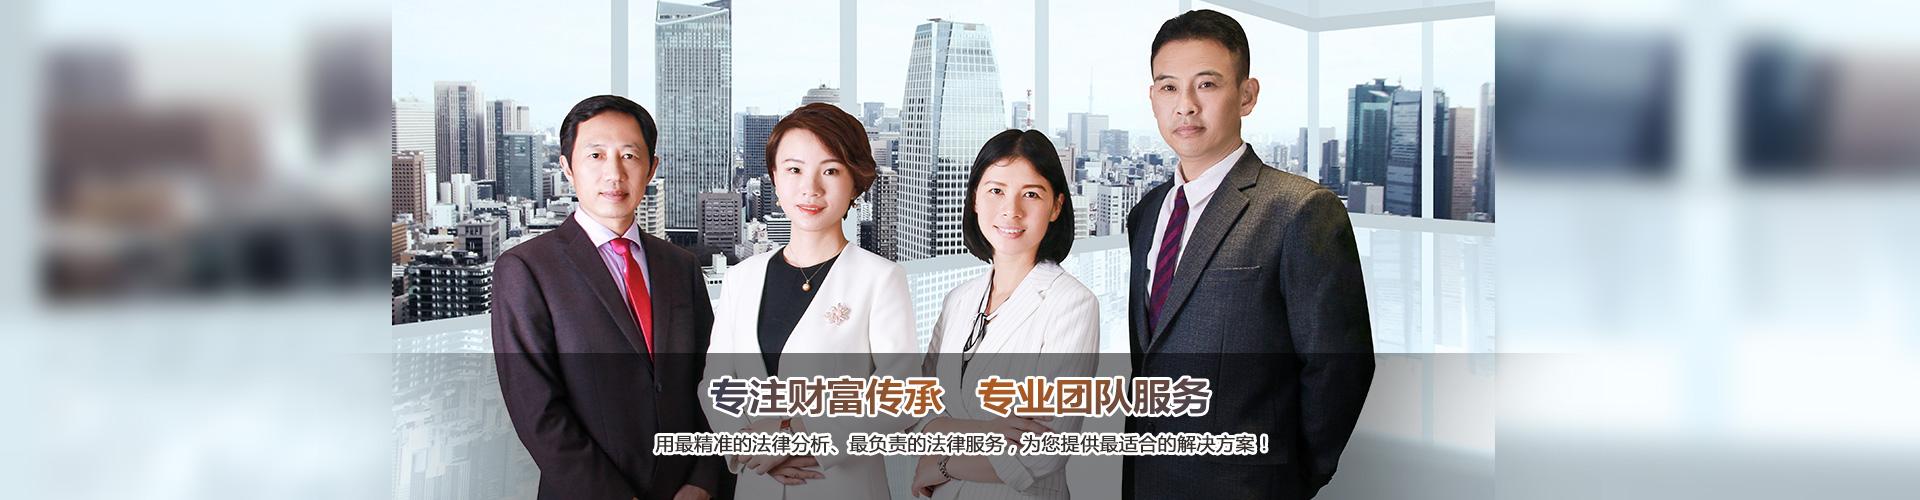 上海刘海霞律师团队